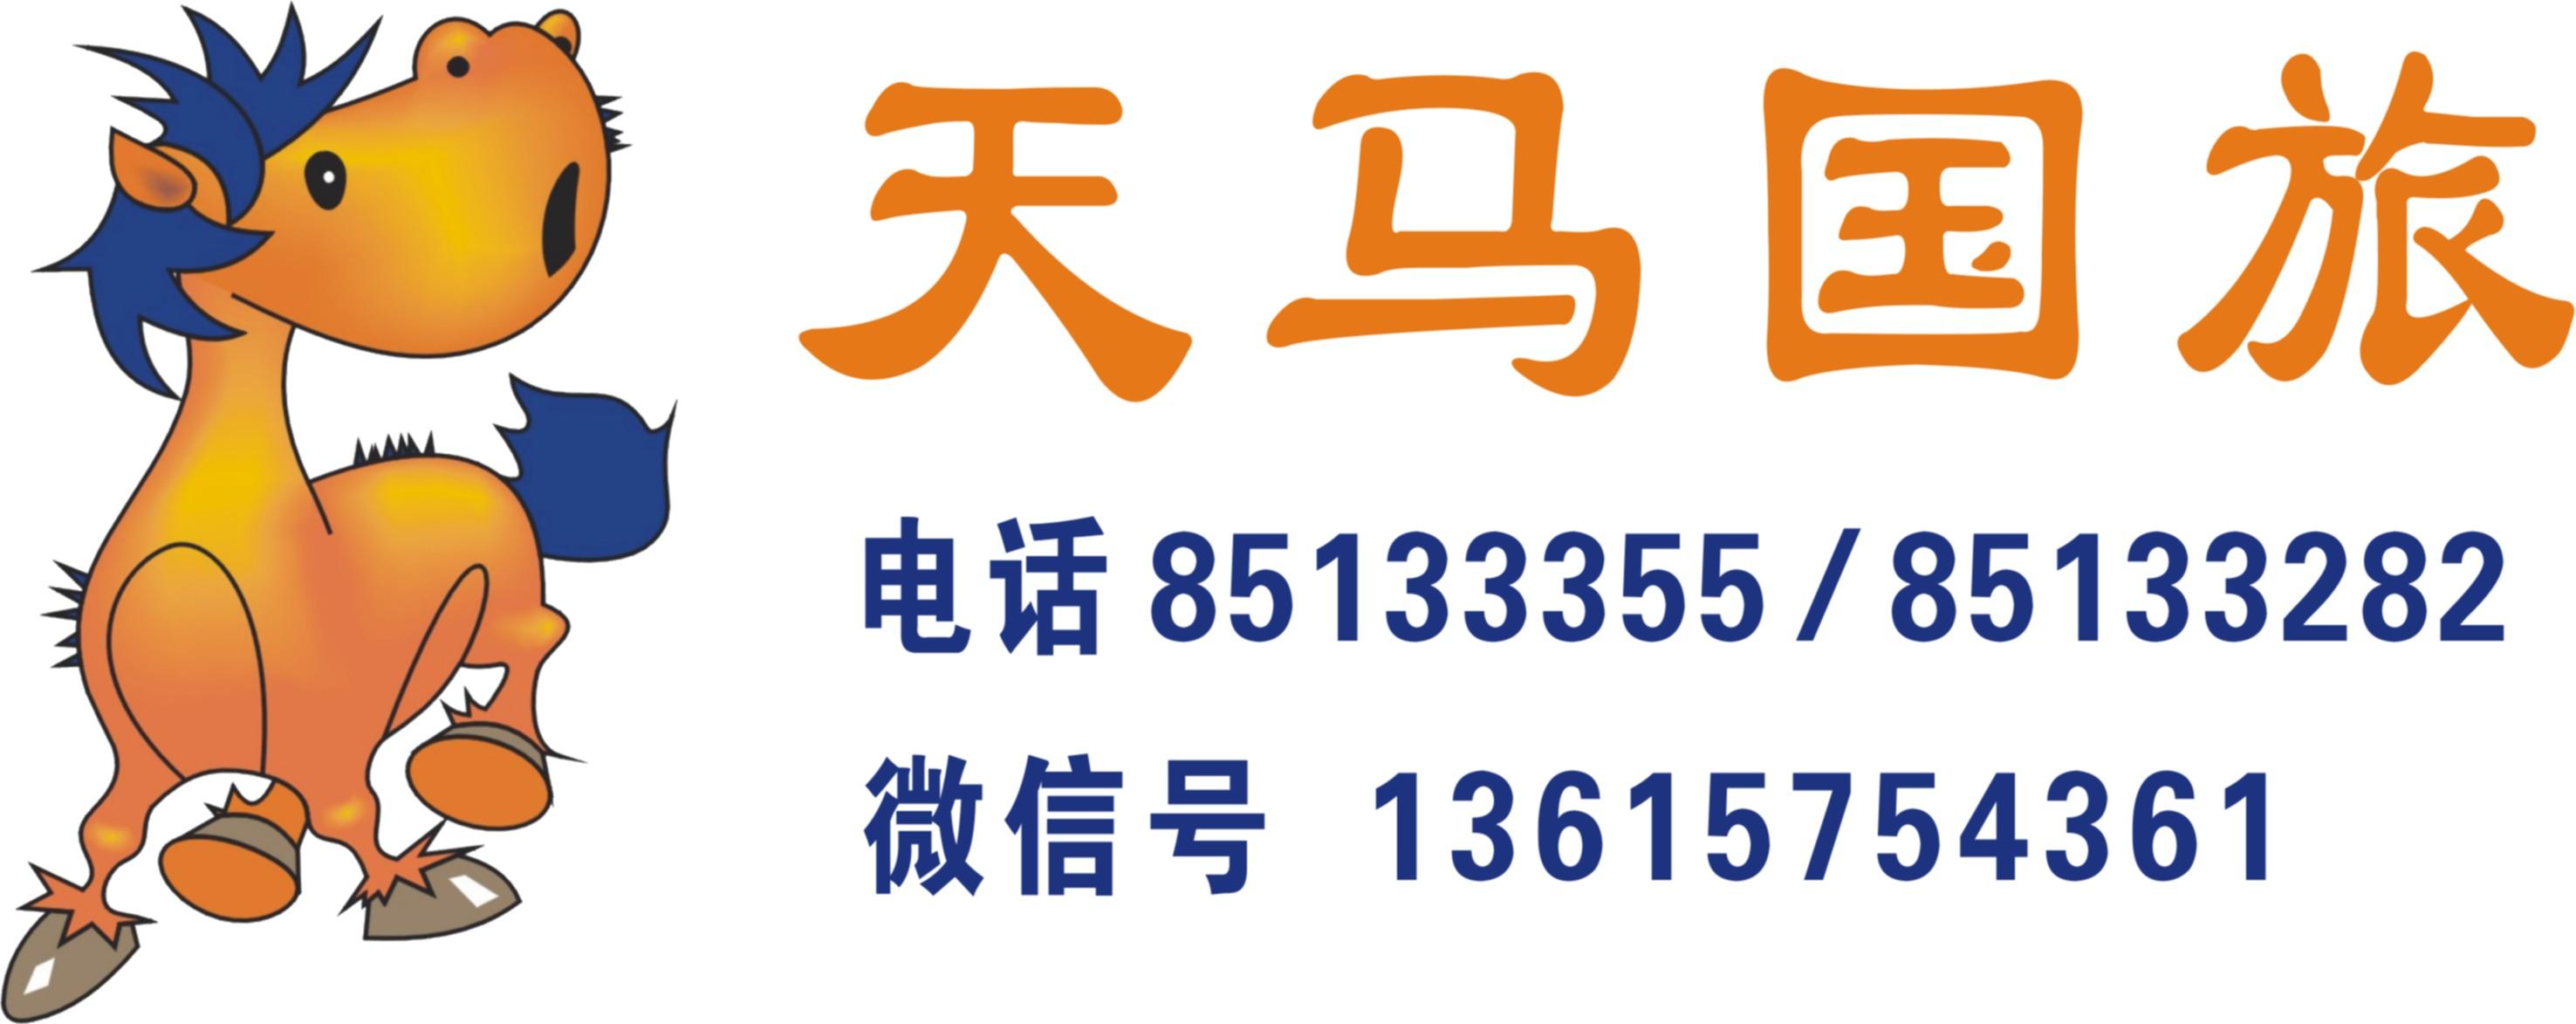 7.6【桐庐瑶琳仙境、千岛秘境、千岛湖中心湖区特价二日】